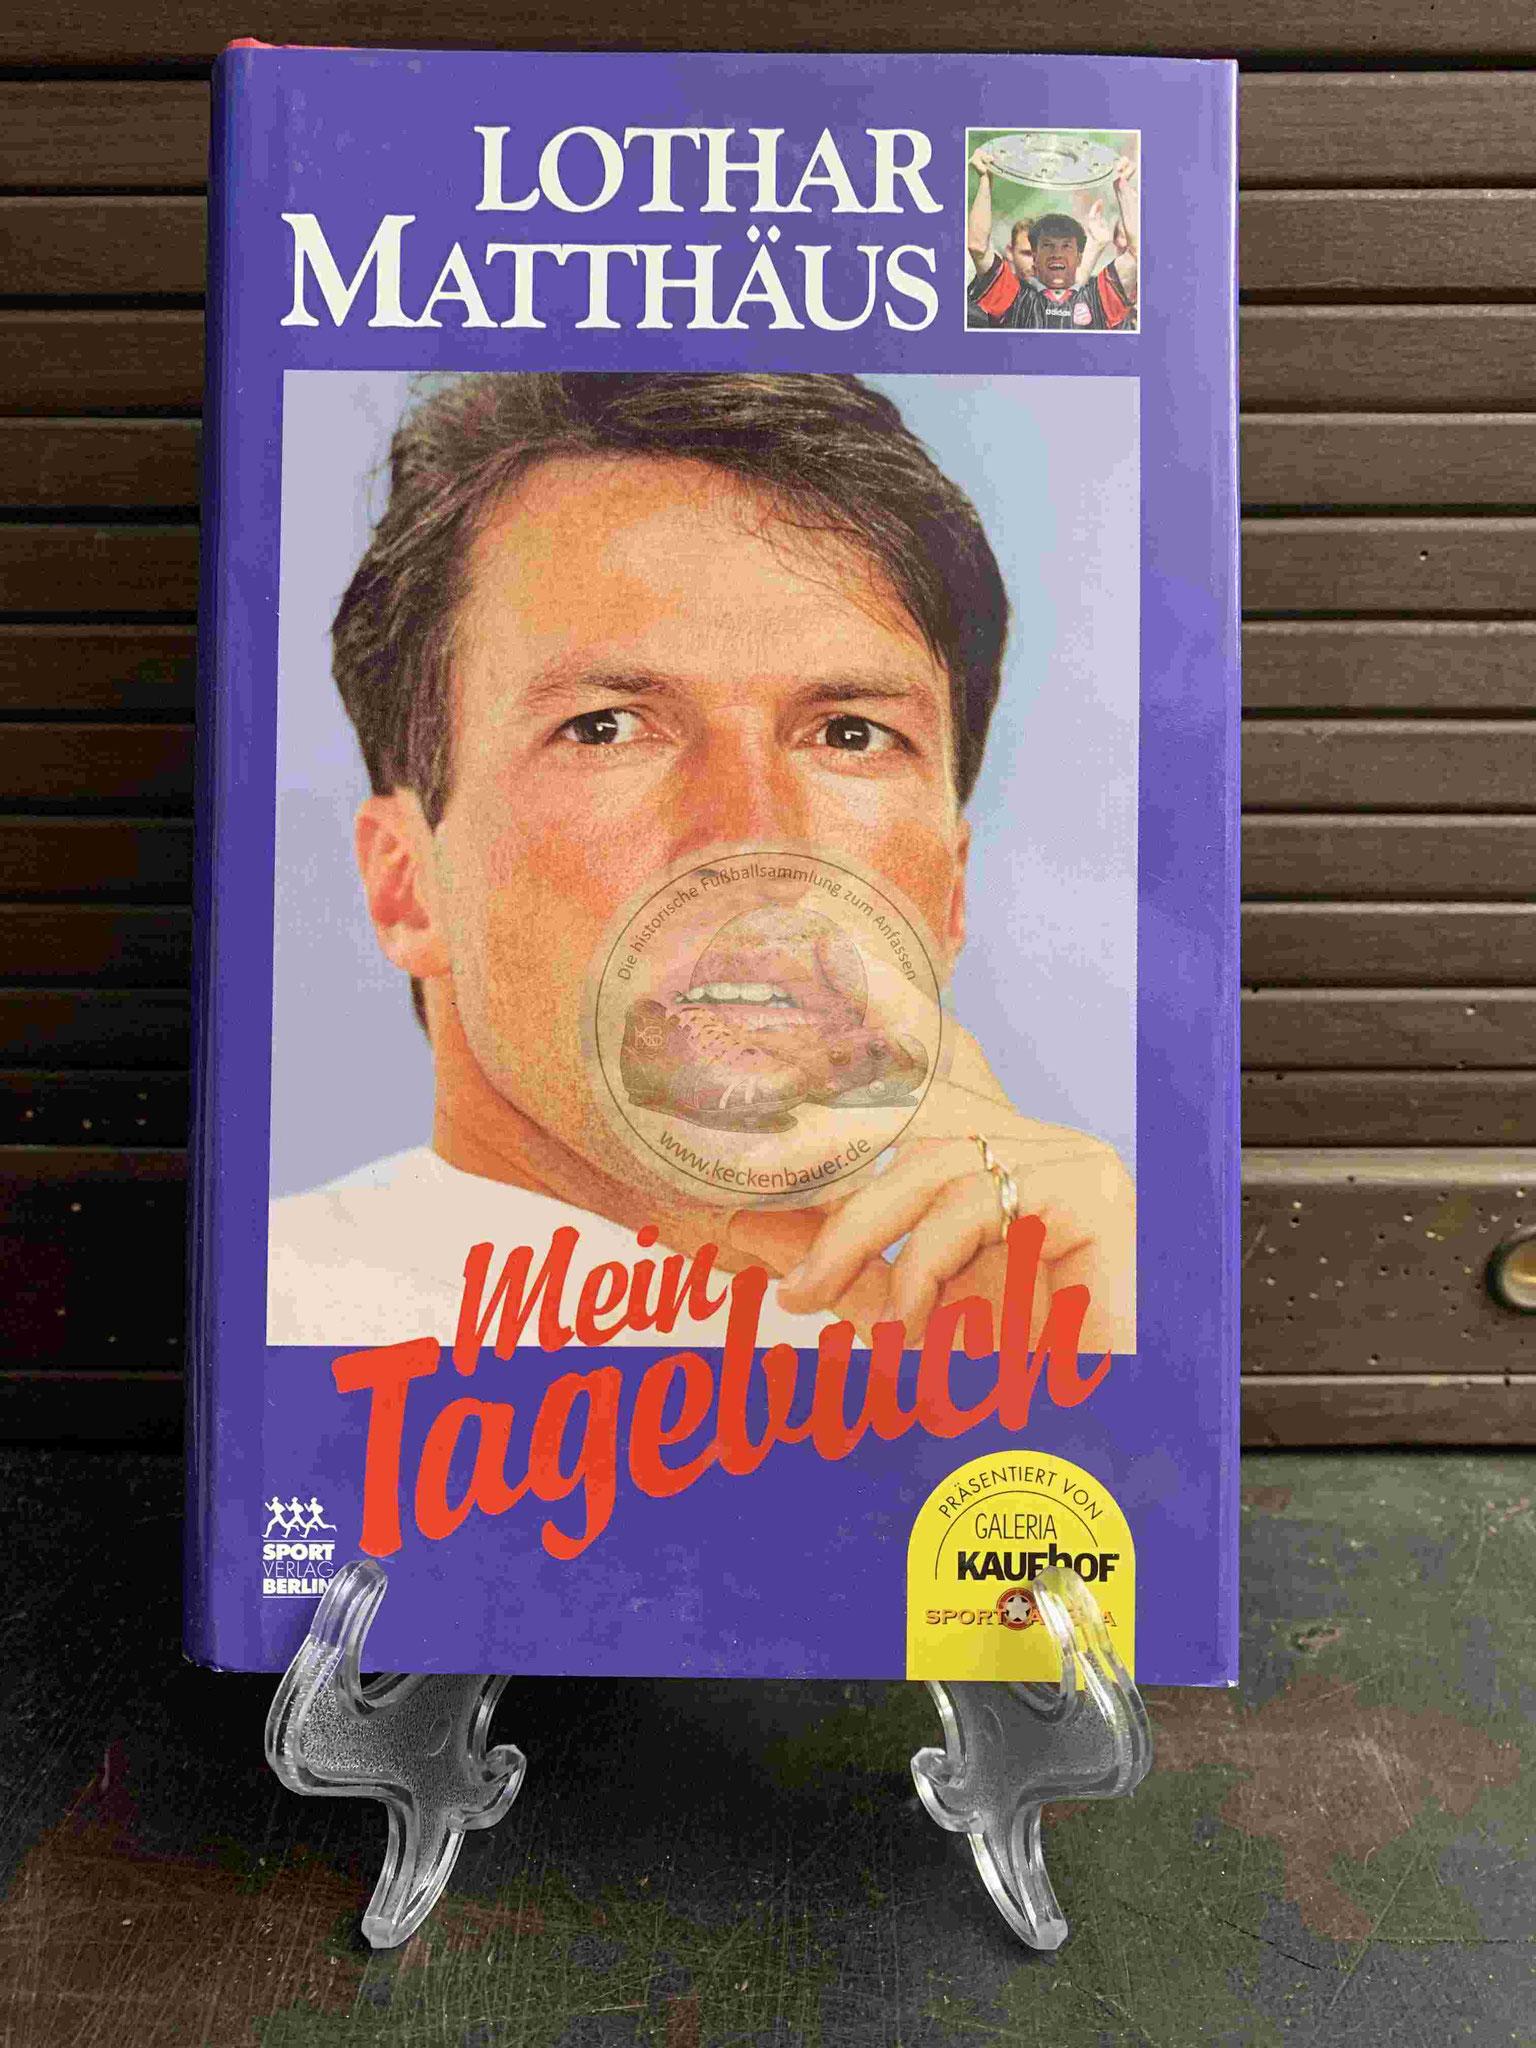 Lothar Matthäus Mein Tagebuch aus dem Jahr 1997